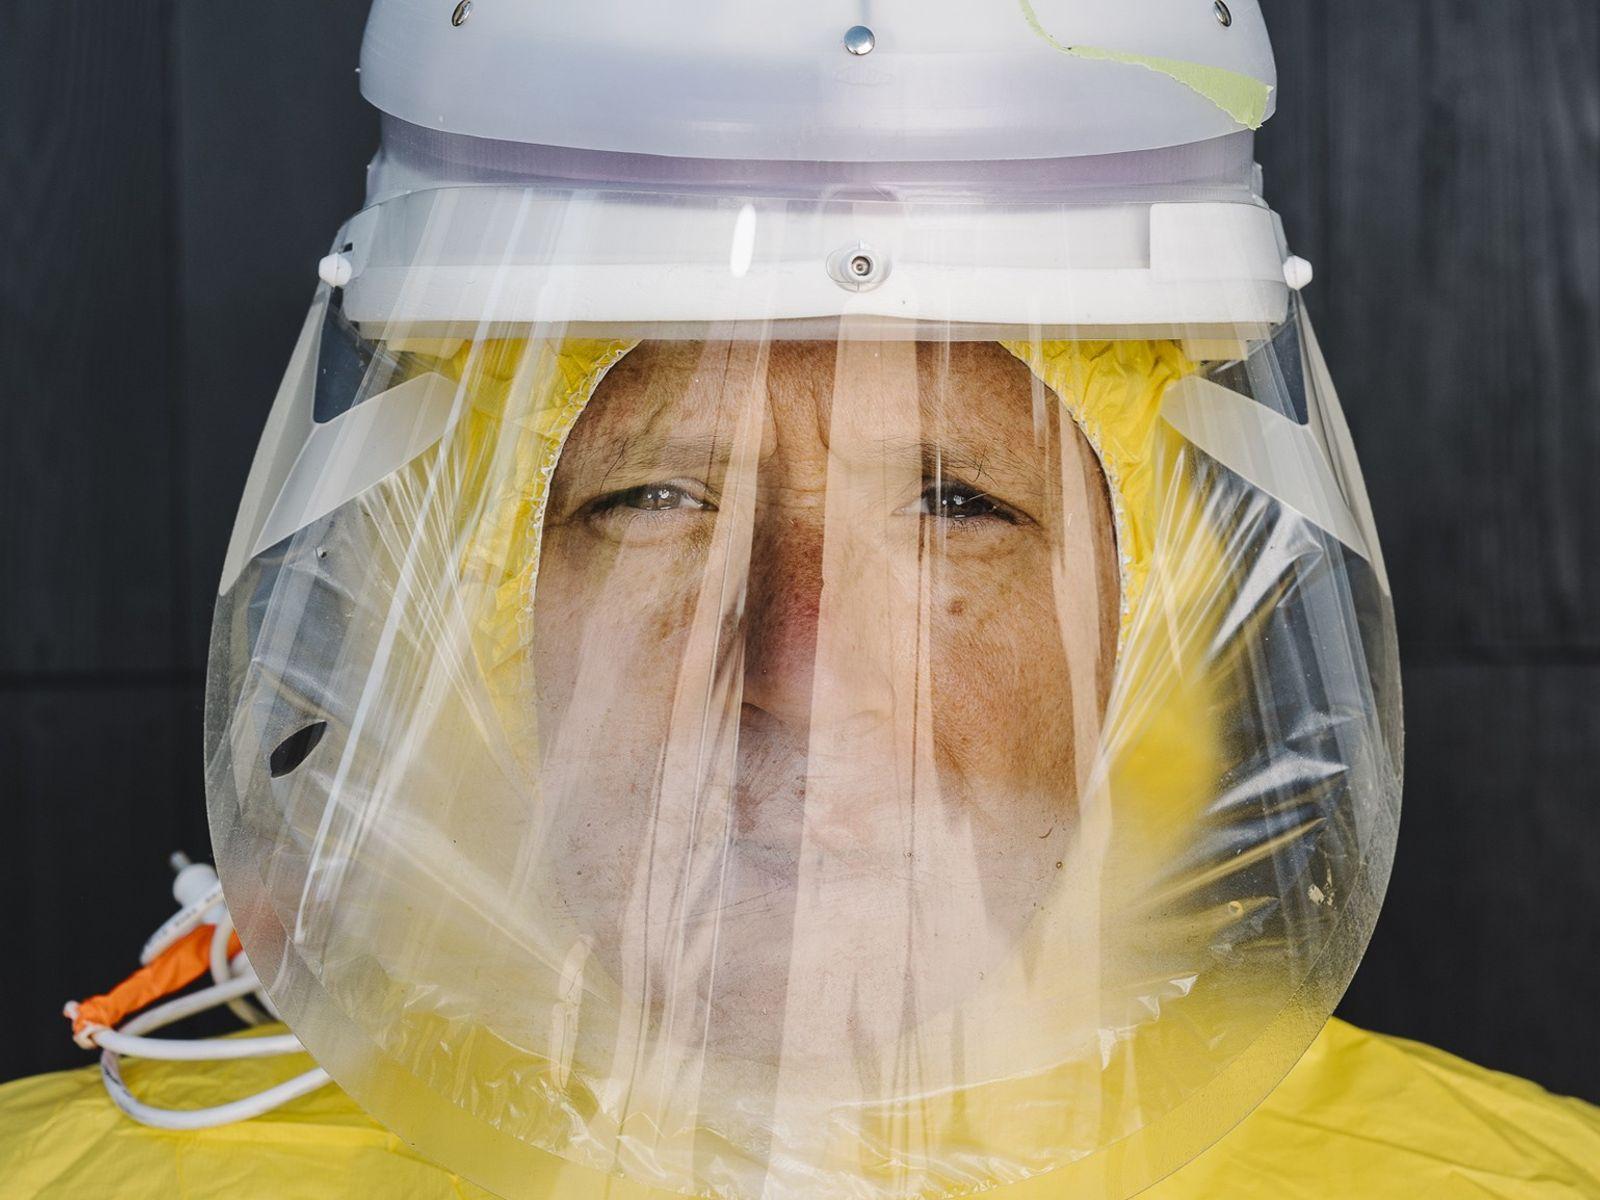 Michael Callahan, especialista em doenças infecciosas, já estava envolvido na luta contra a pandemia de COVID-19 ...